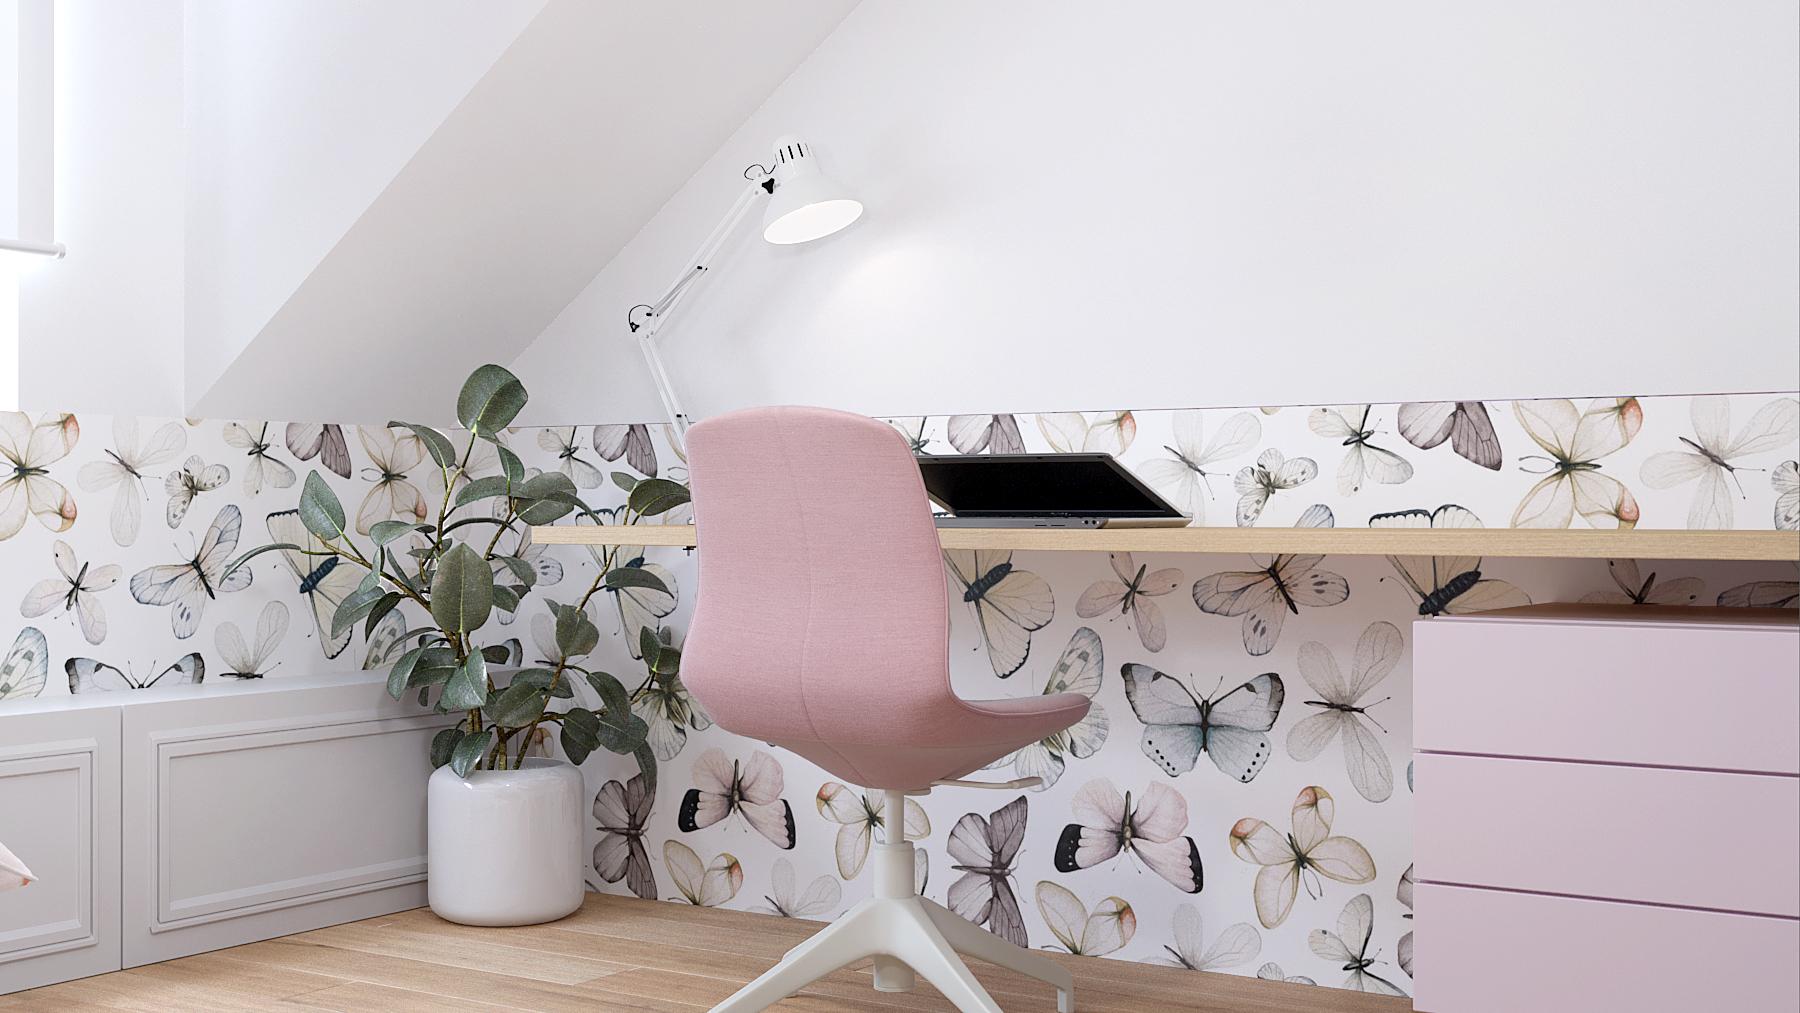 13 projektant wnetrz D423 poddasze Myslowice pokoj dla dziewczynki tapeta motyle rozowe krzeslo biurko romantyczny pokoj